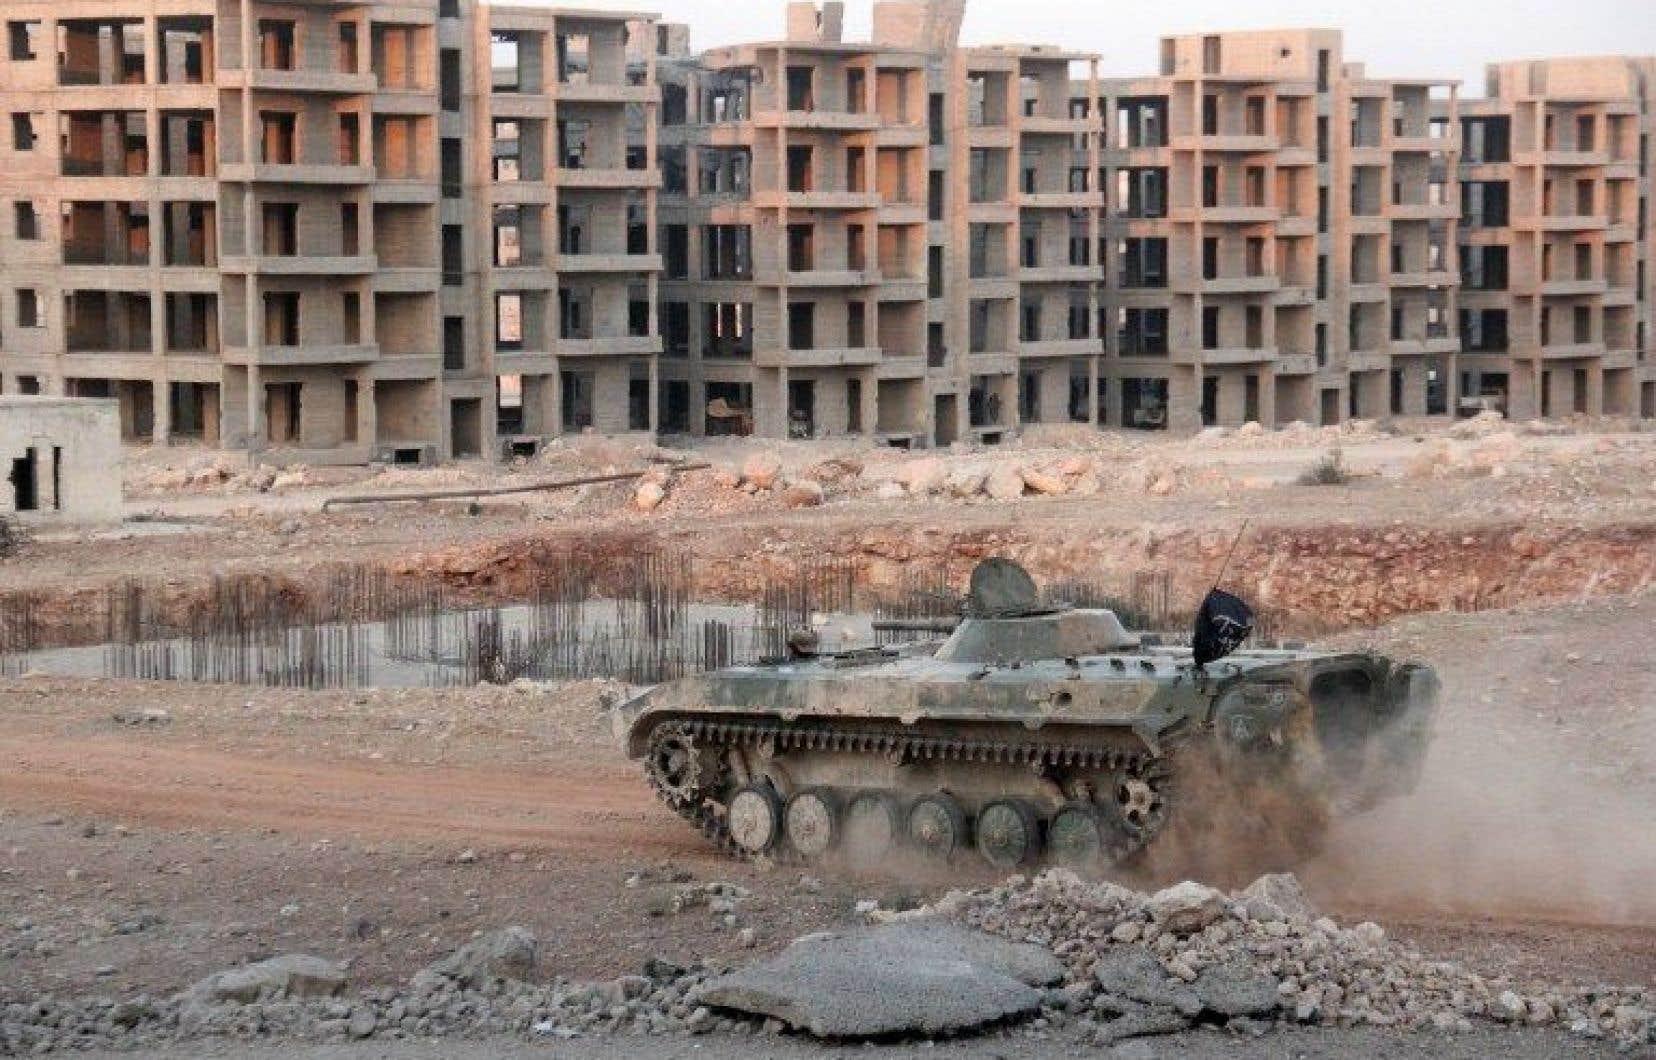 L'armée de l'air syrienne et l'allié russe ont visé ces dernières 24 heures des secteurs rebelles à Alep et dans la province voisine d'Idleb.